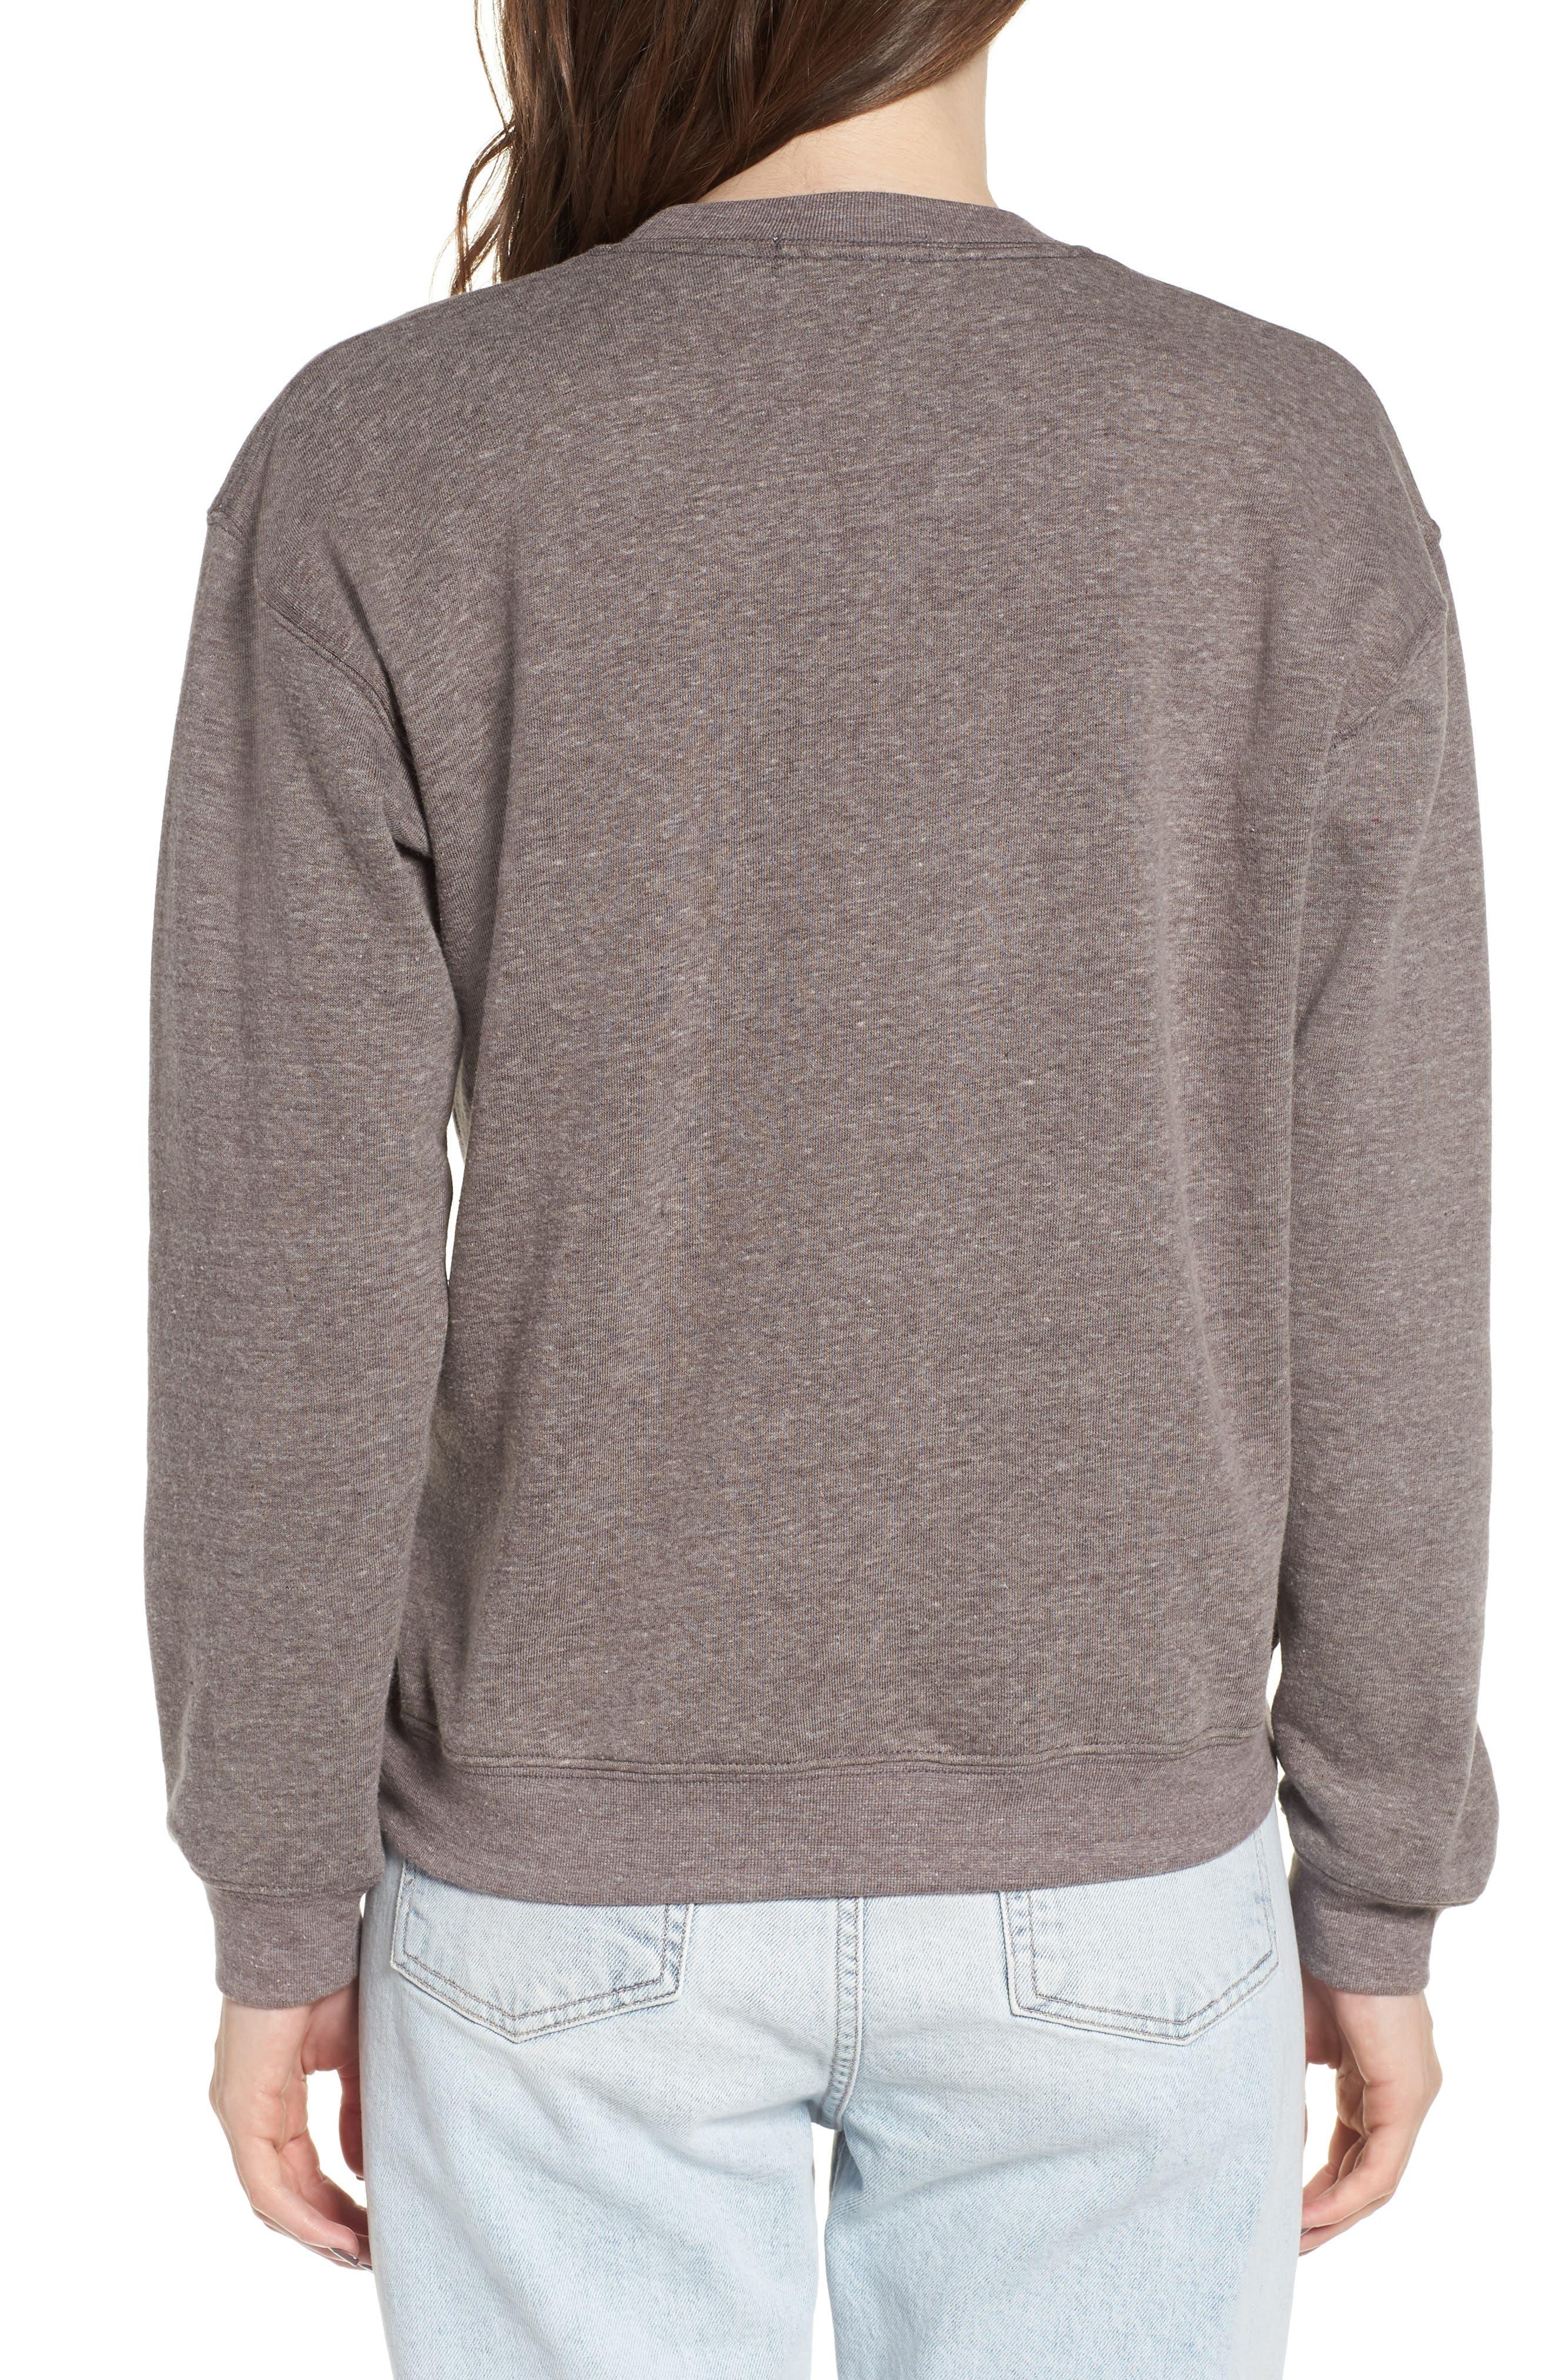 Good Vibes Rainbow Sweatshirt,                             Alternate thumbnail 2, color,                             050